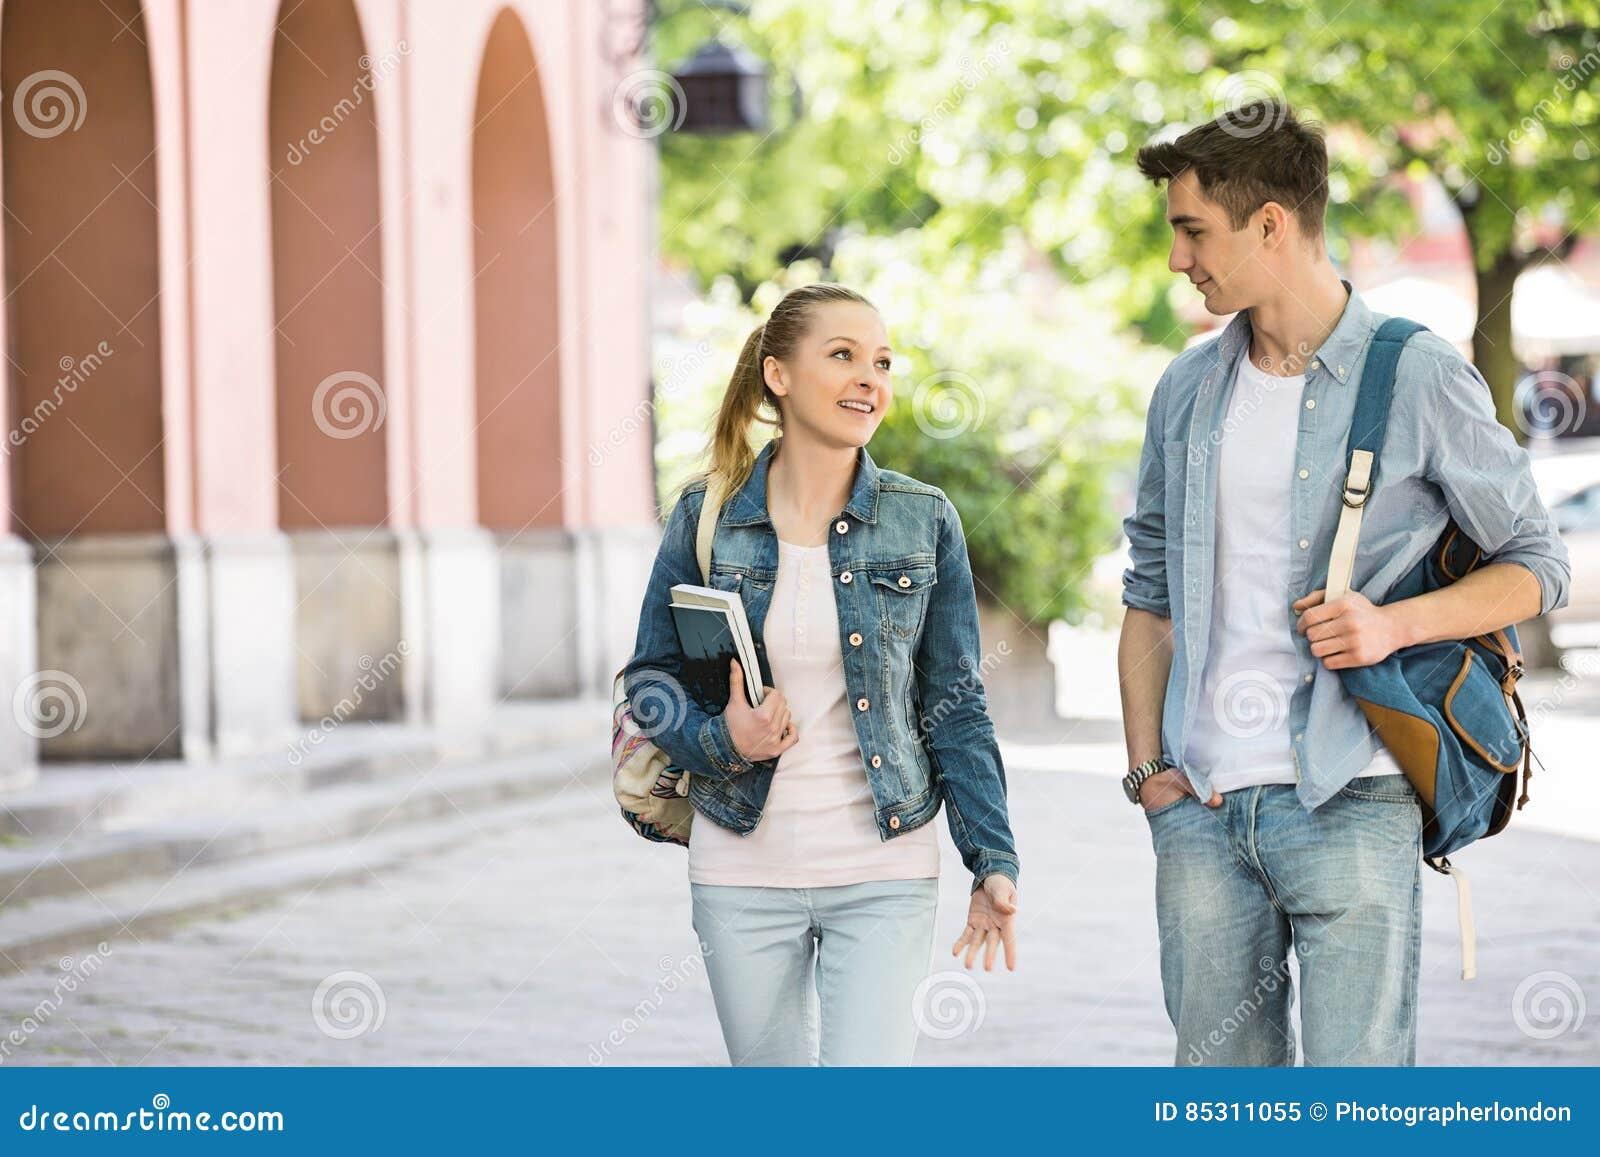 Junge sprechende Collegefreunde beim Gehen am Campus